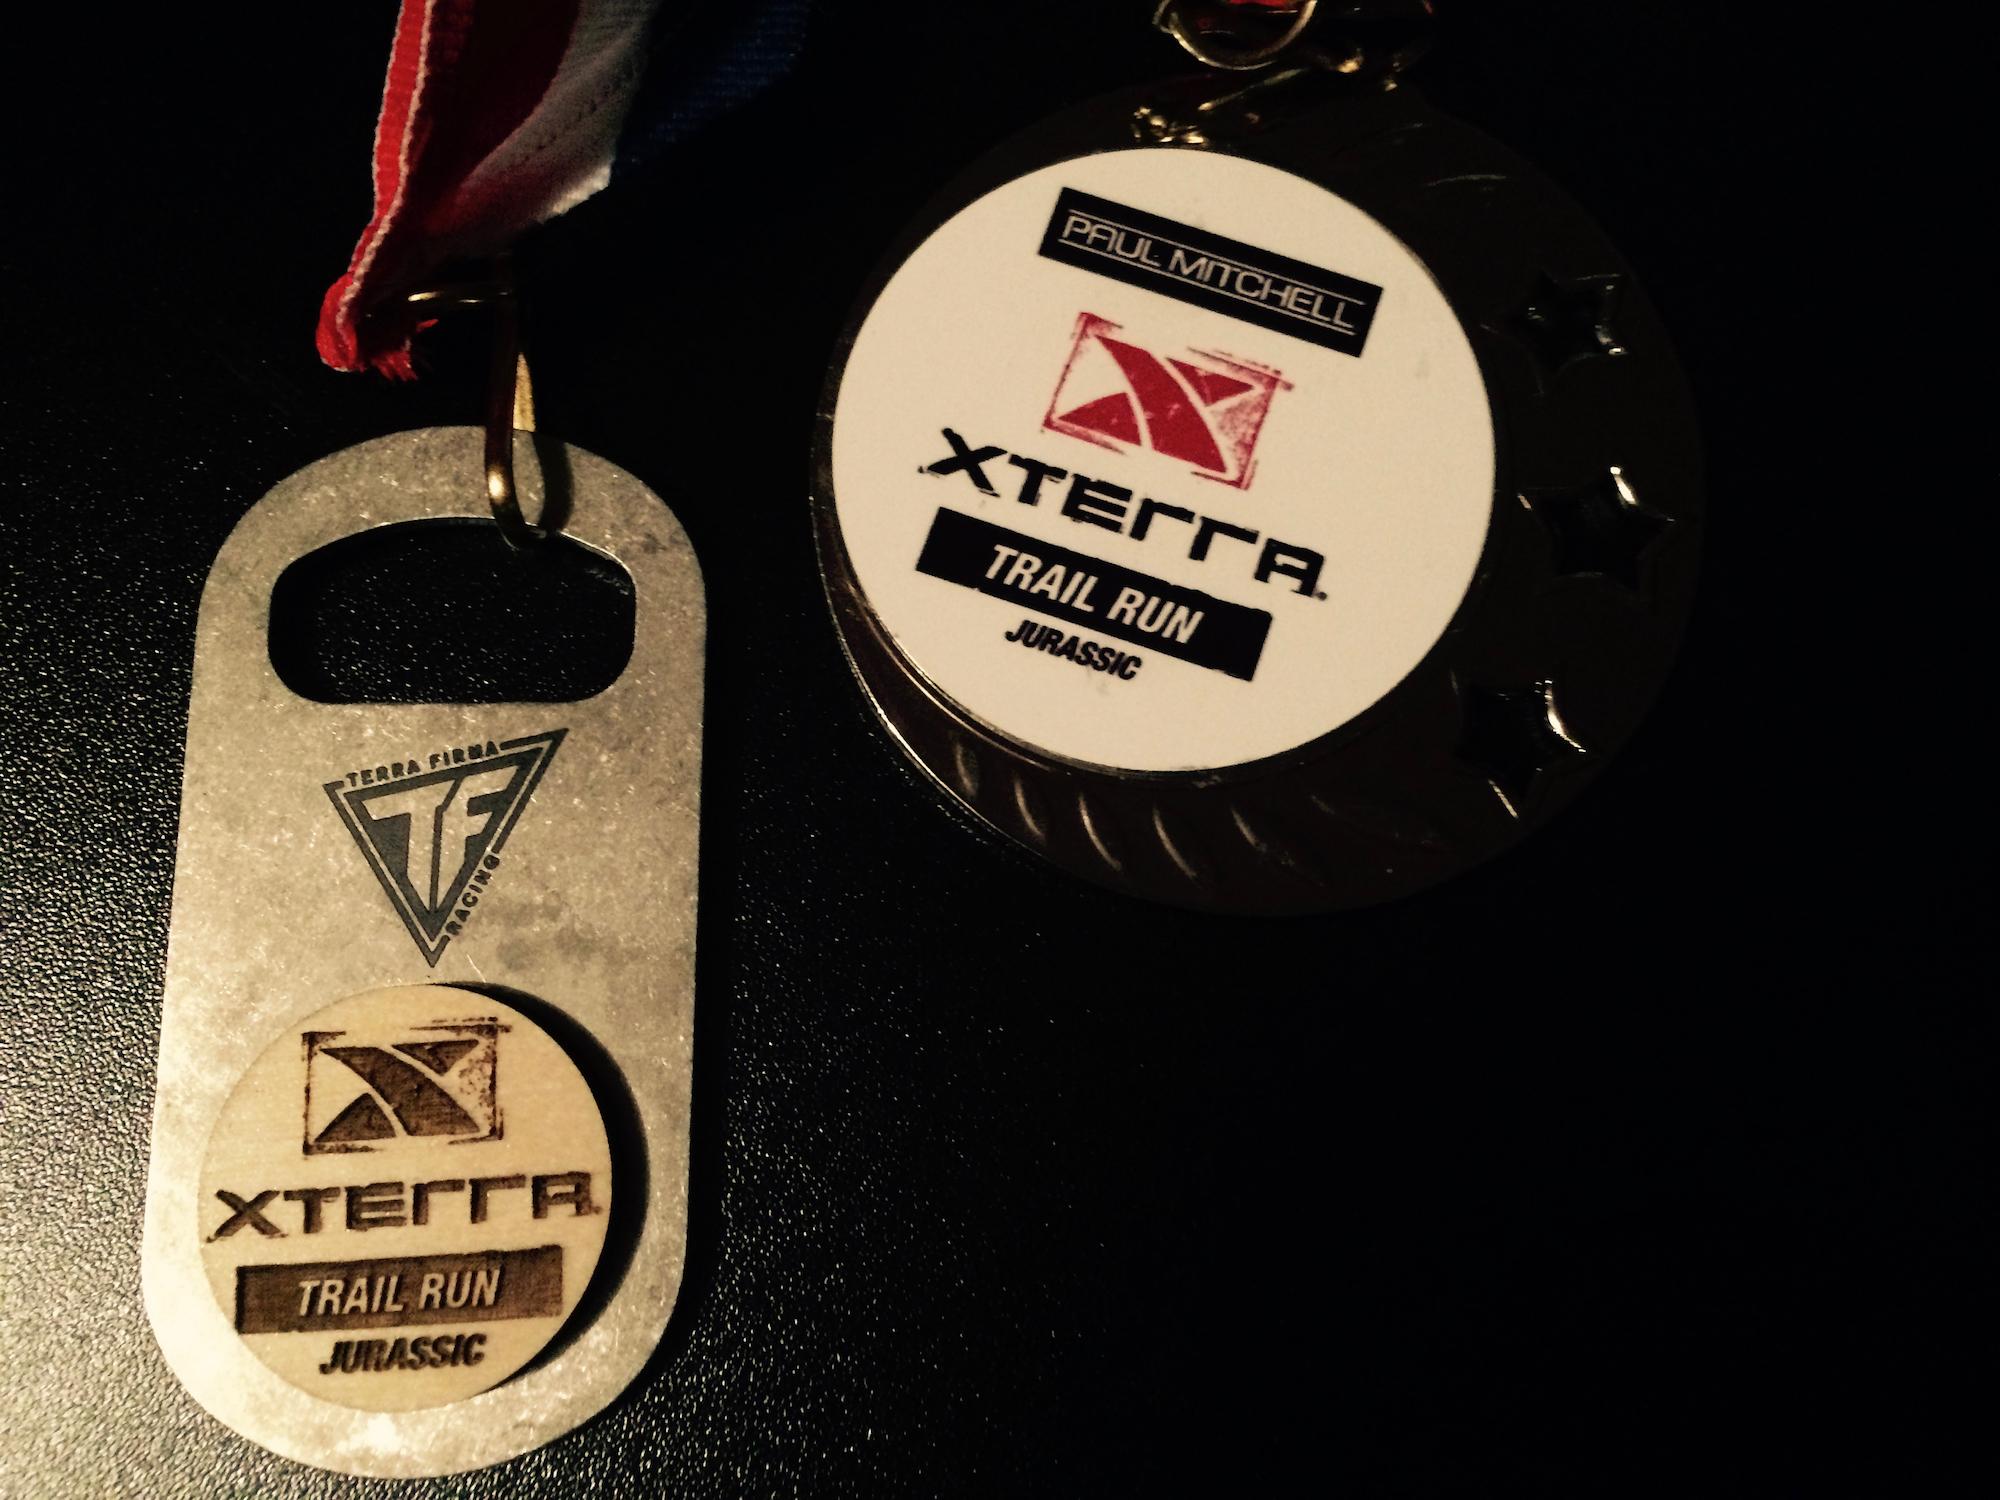 Xterra medals